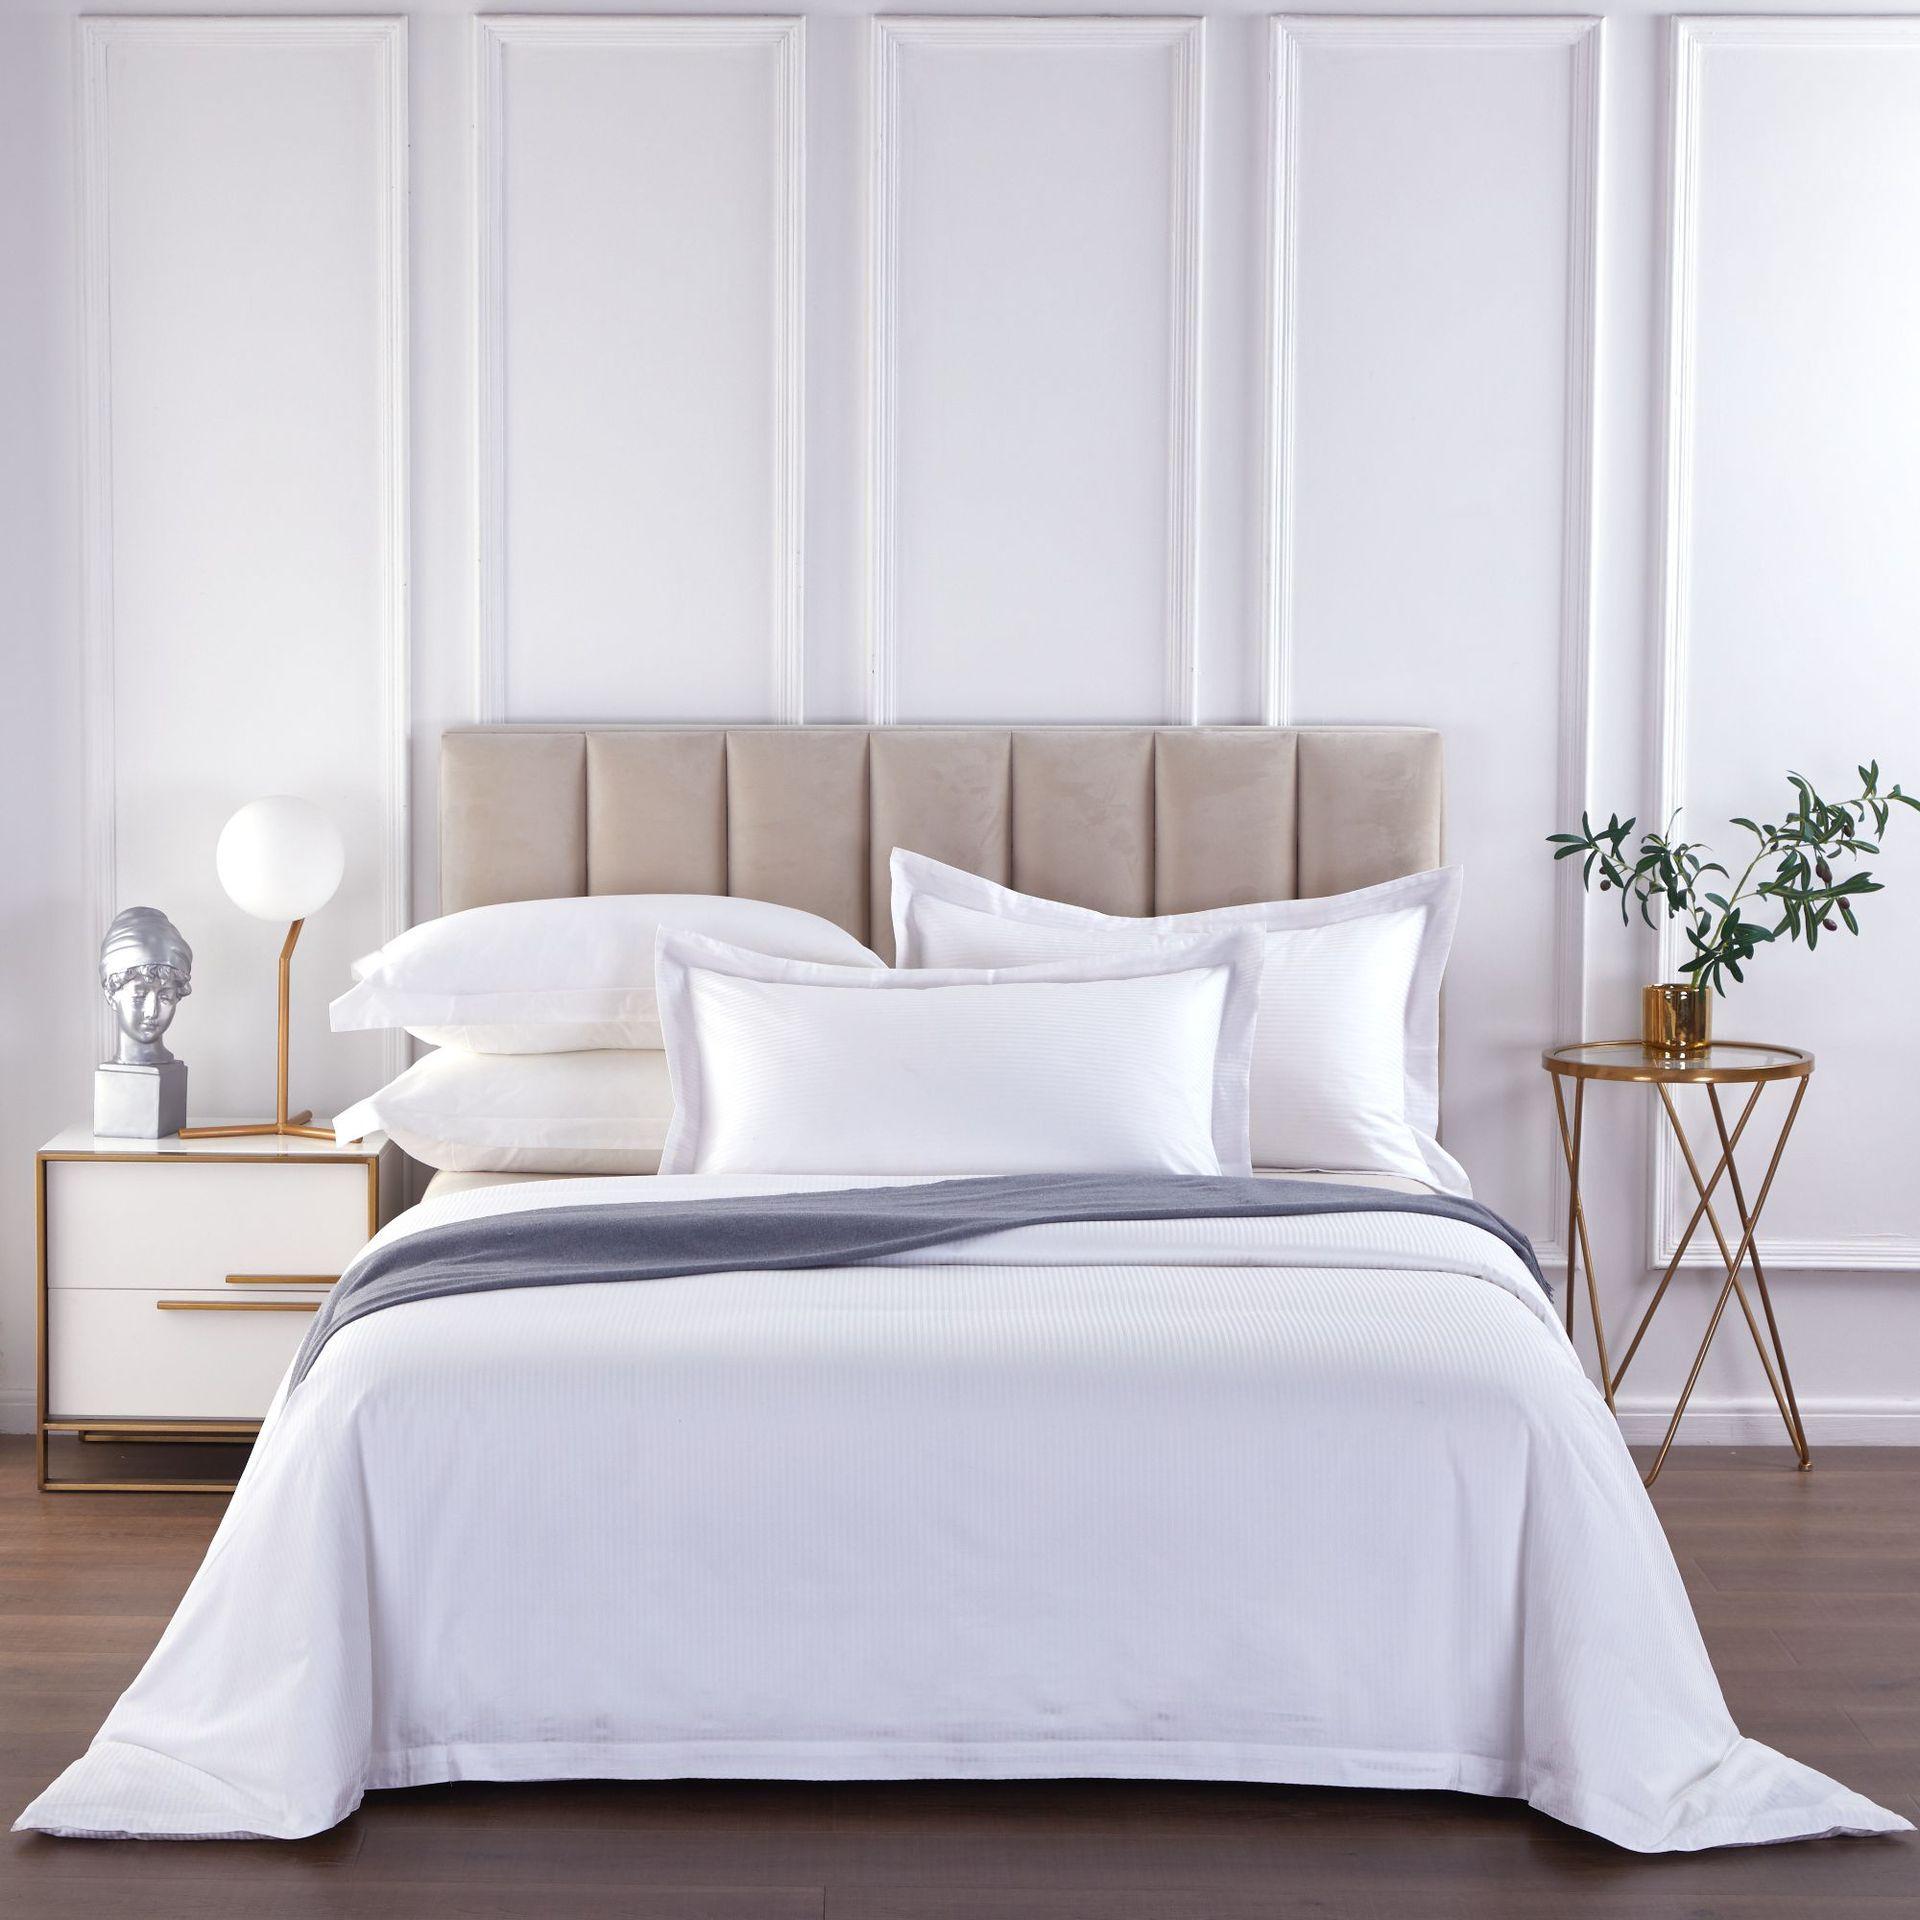 君芝友酒店用品賓館酒店床上用品四件套全棉純白色貢緞4件套床單被套床品JZY-0001